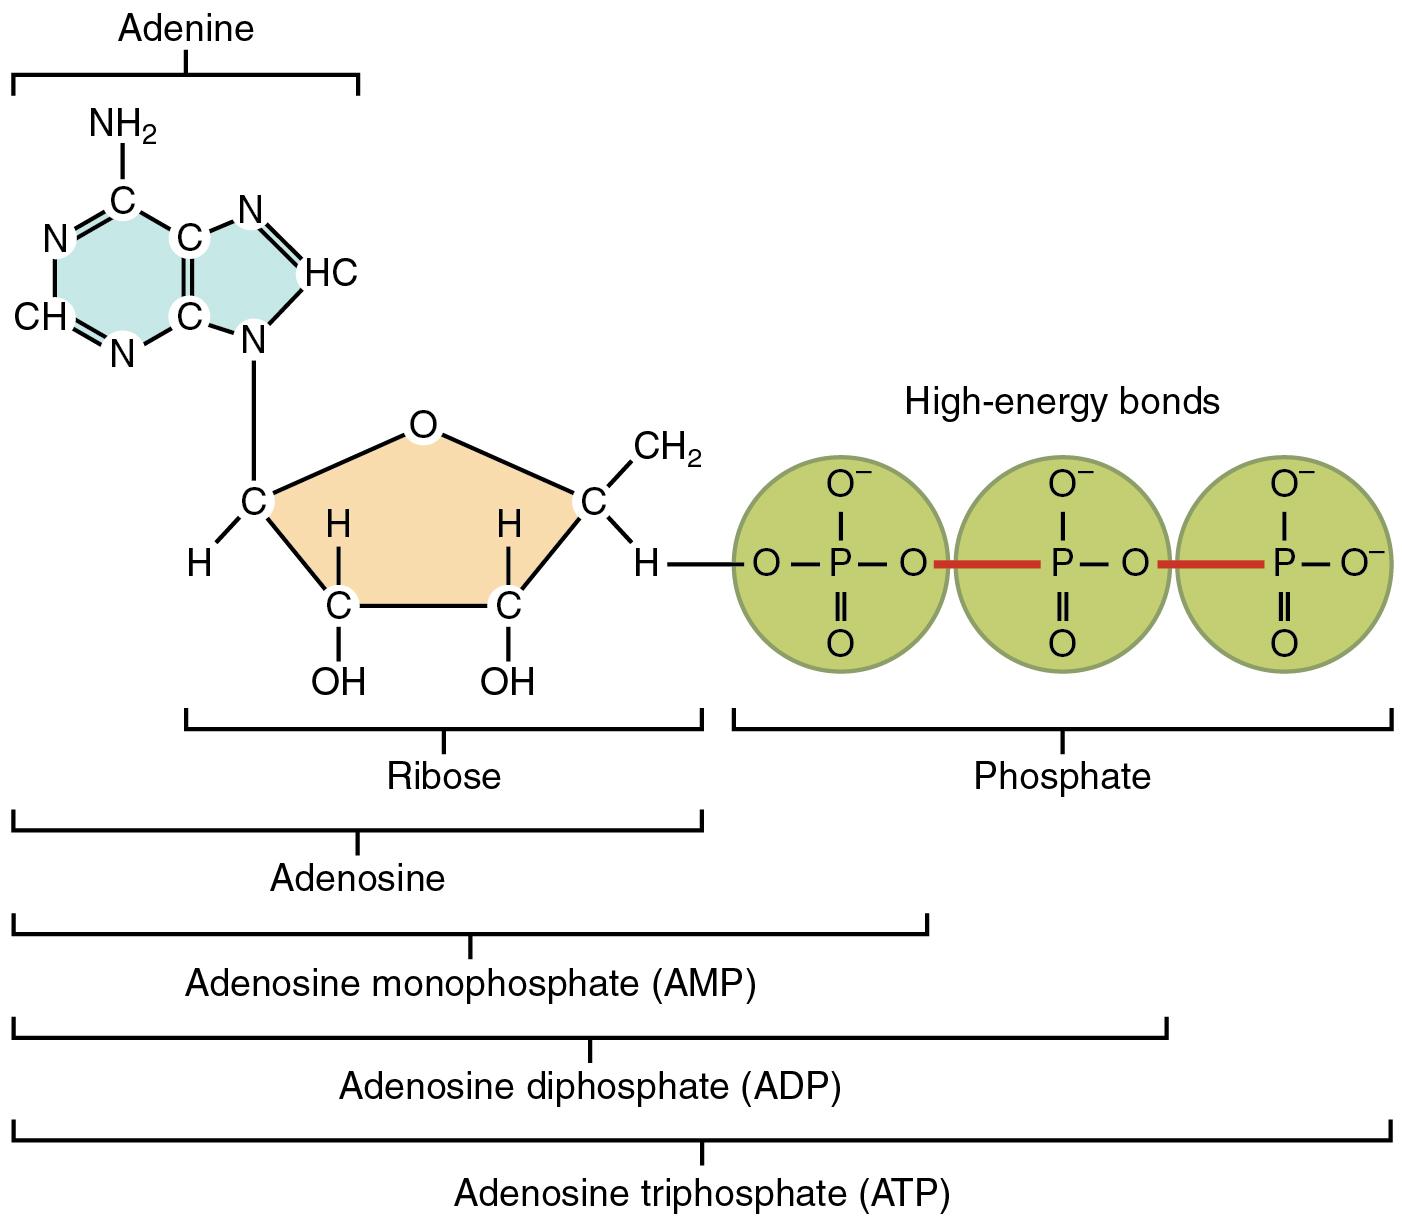 Att Ls 230 Structure Of Adenosine Triphosphate Atp 01